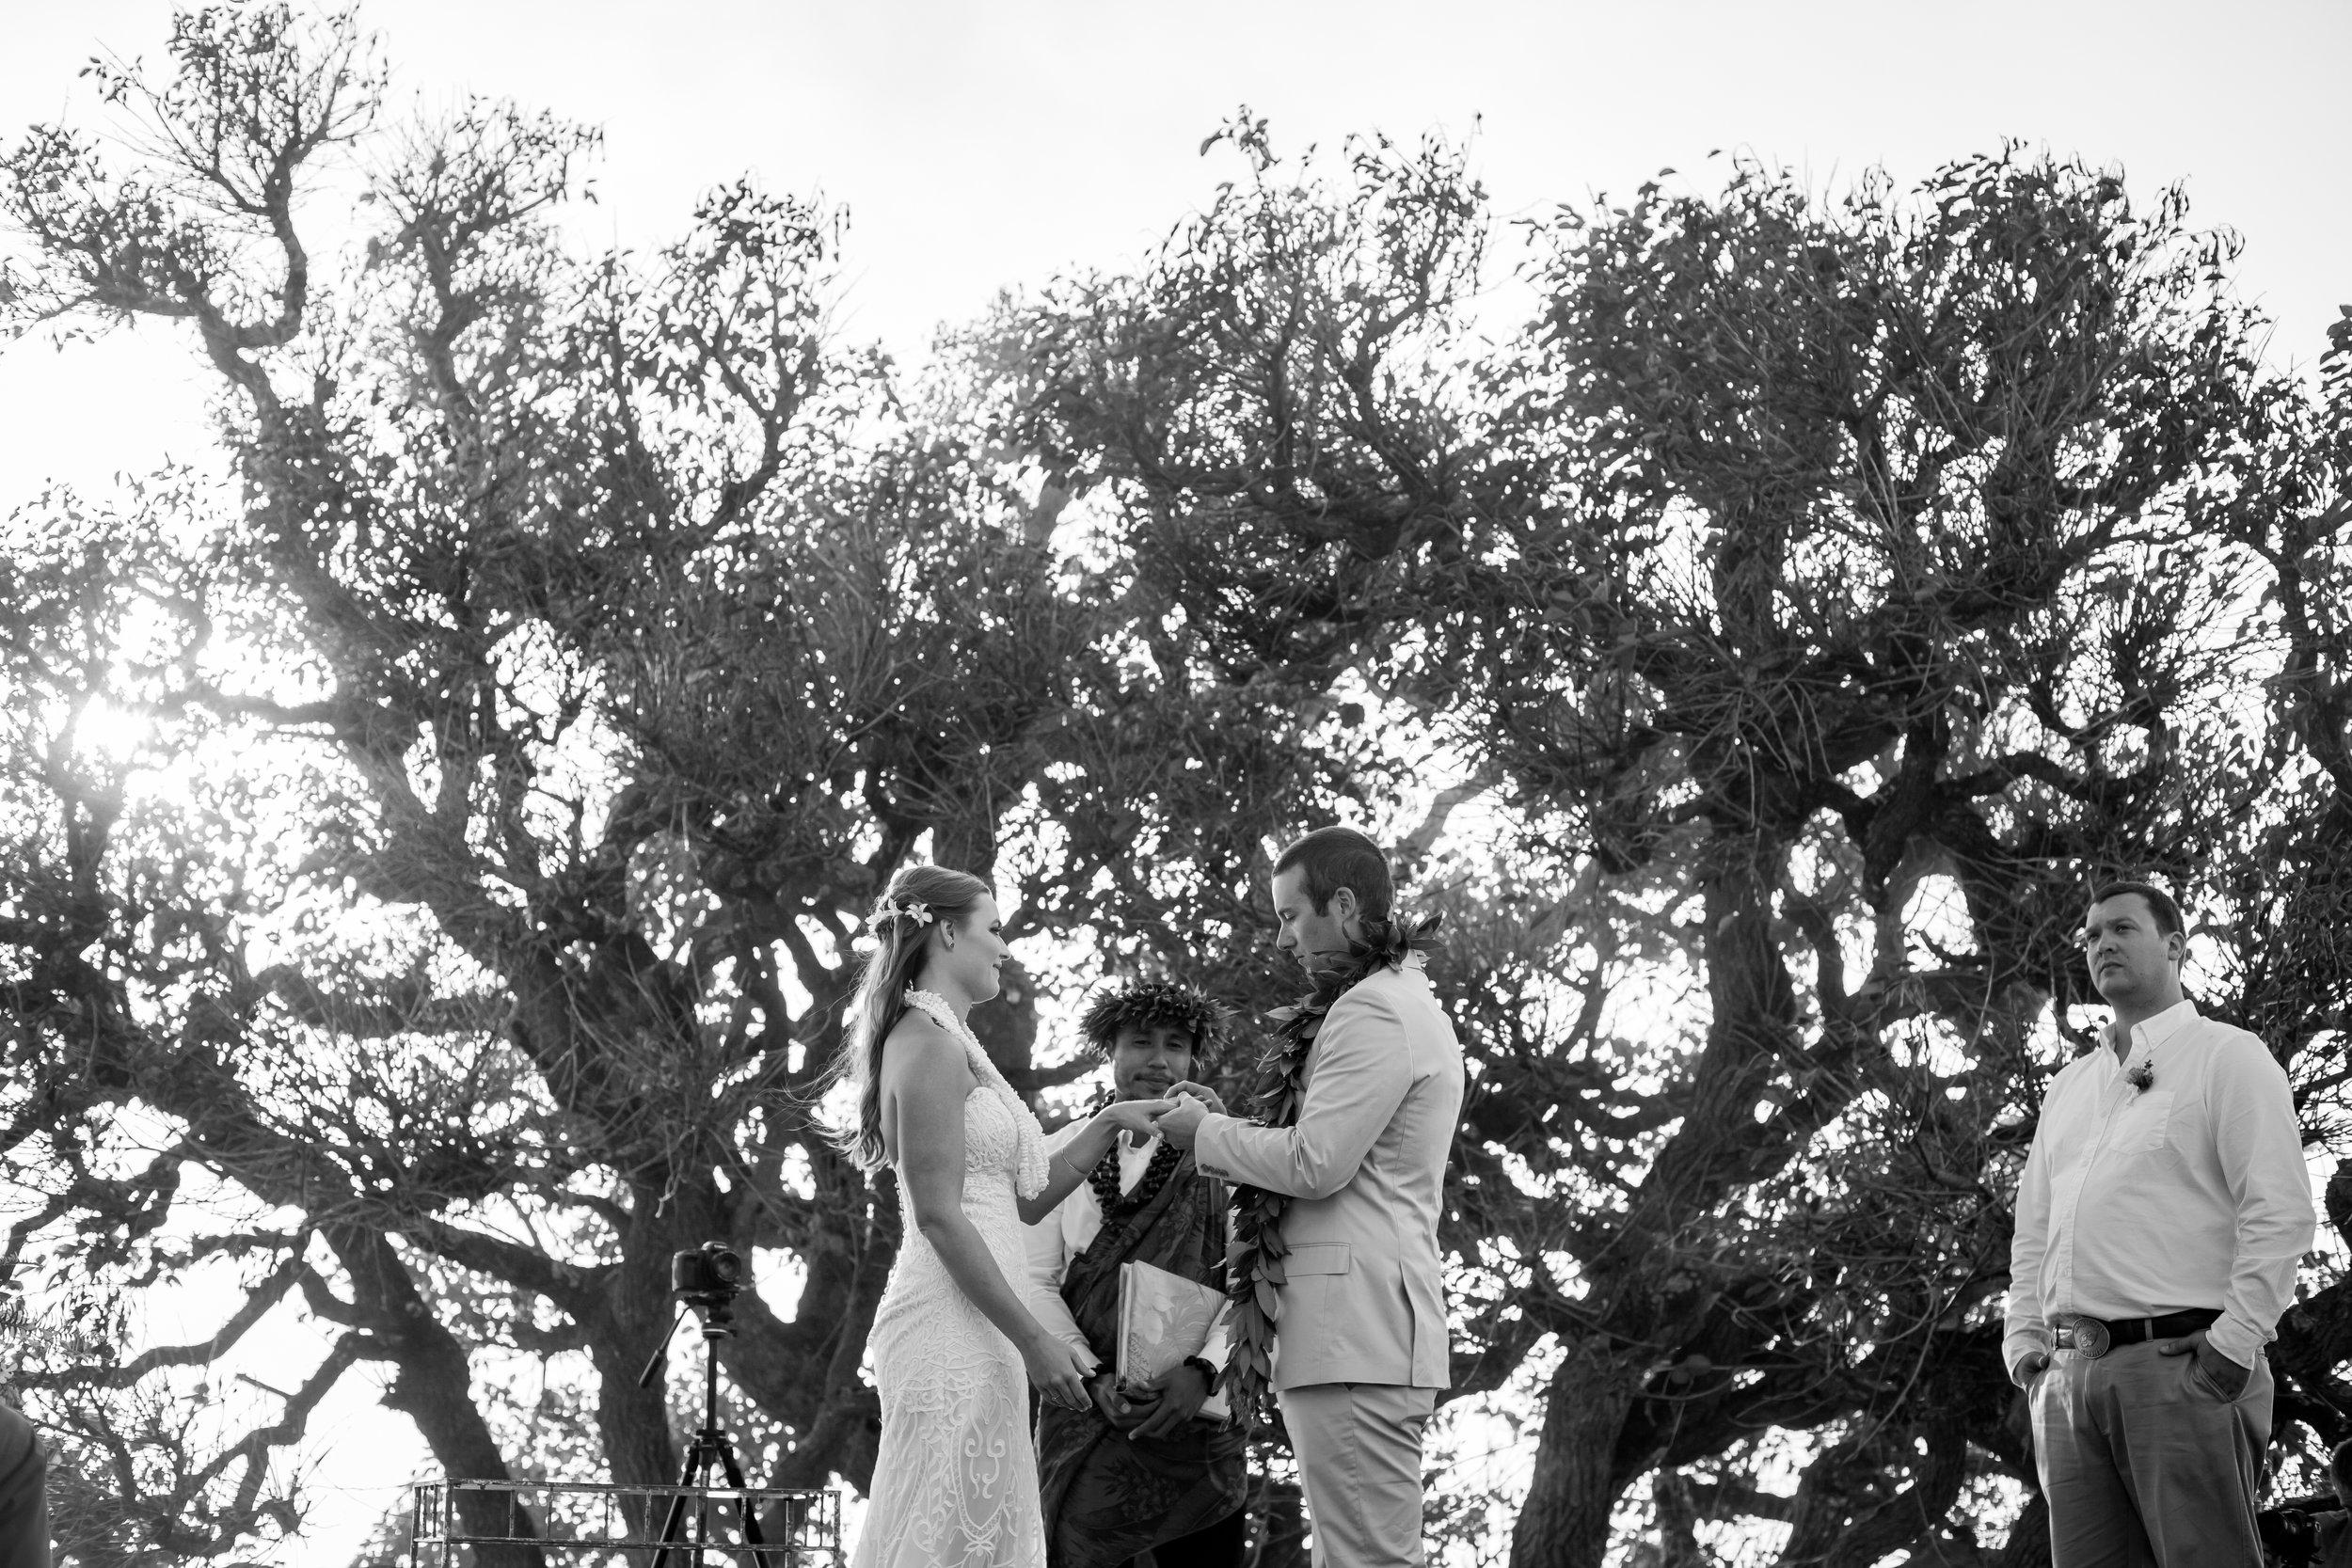 big island hawaii kahua ranch wedding © kelilina photography 20170106165322.jpg